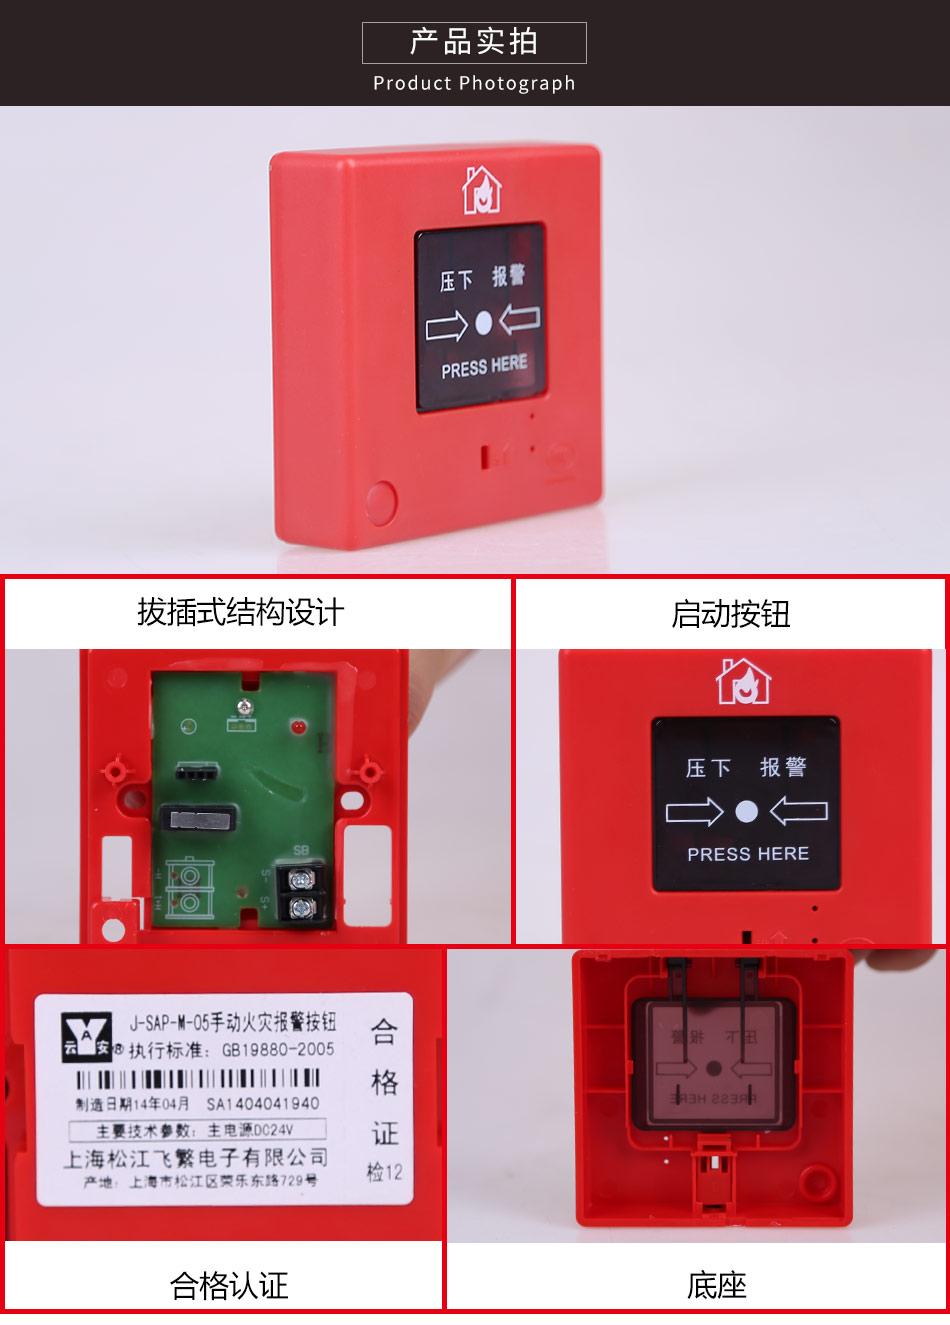 J-SAP-M-05手动火灾报警按钮(不带电话插孔编码式)实拍图